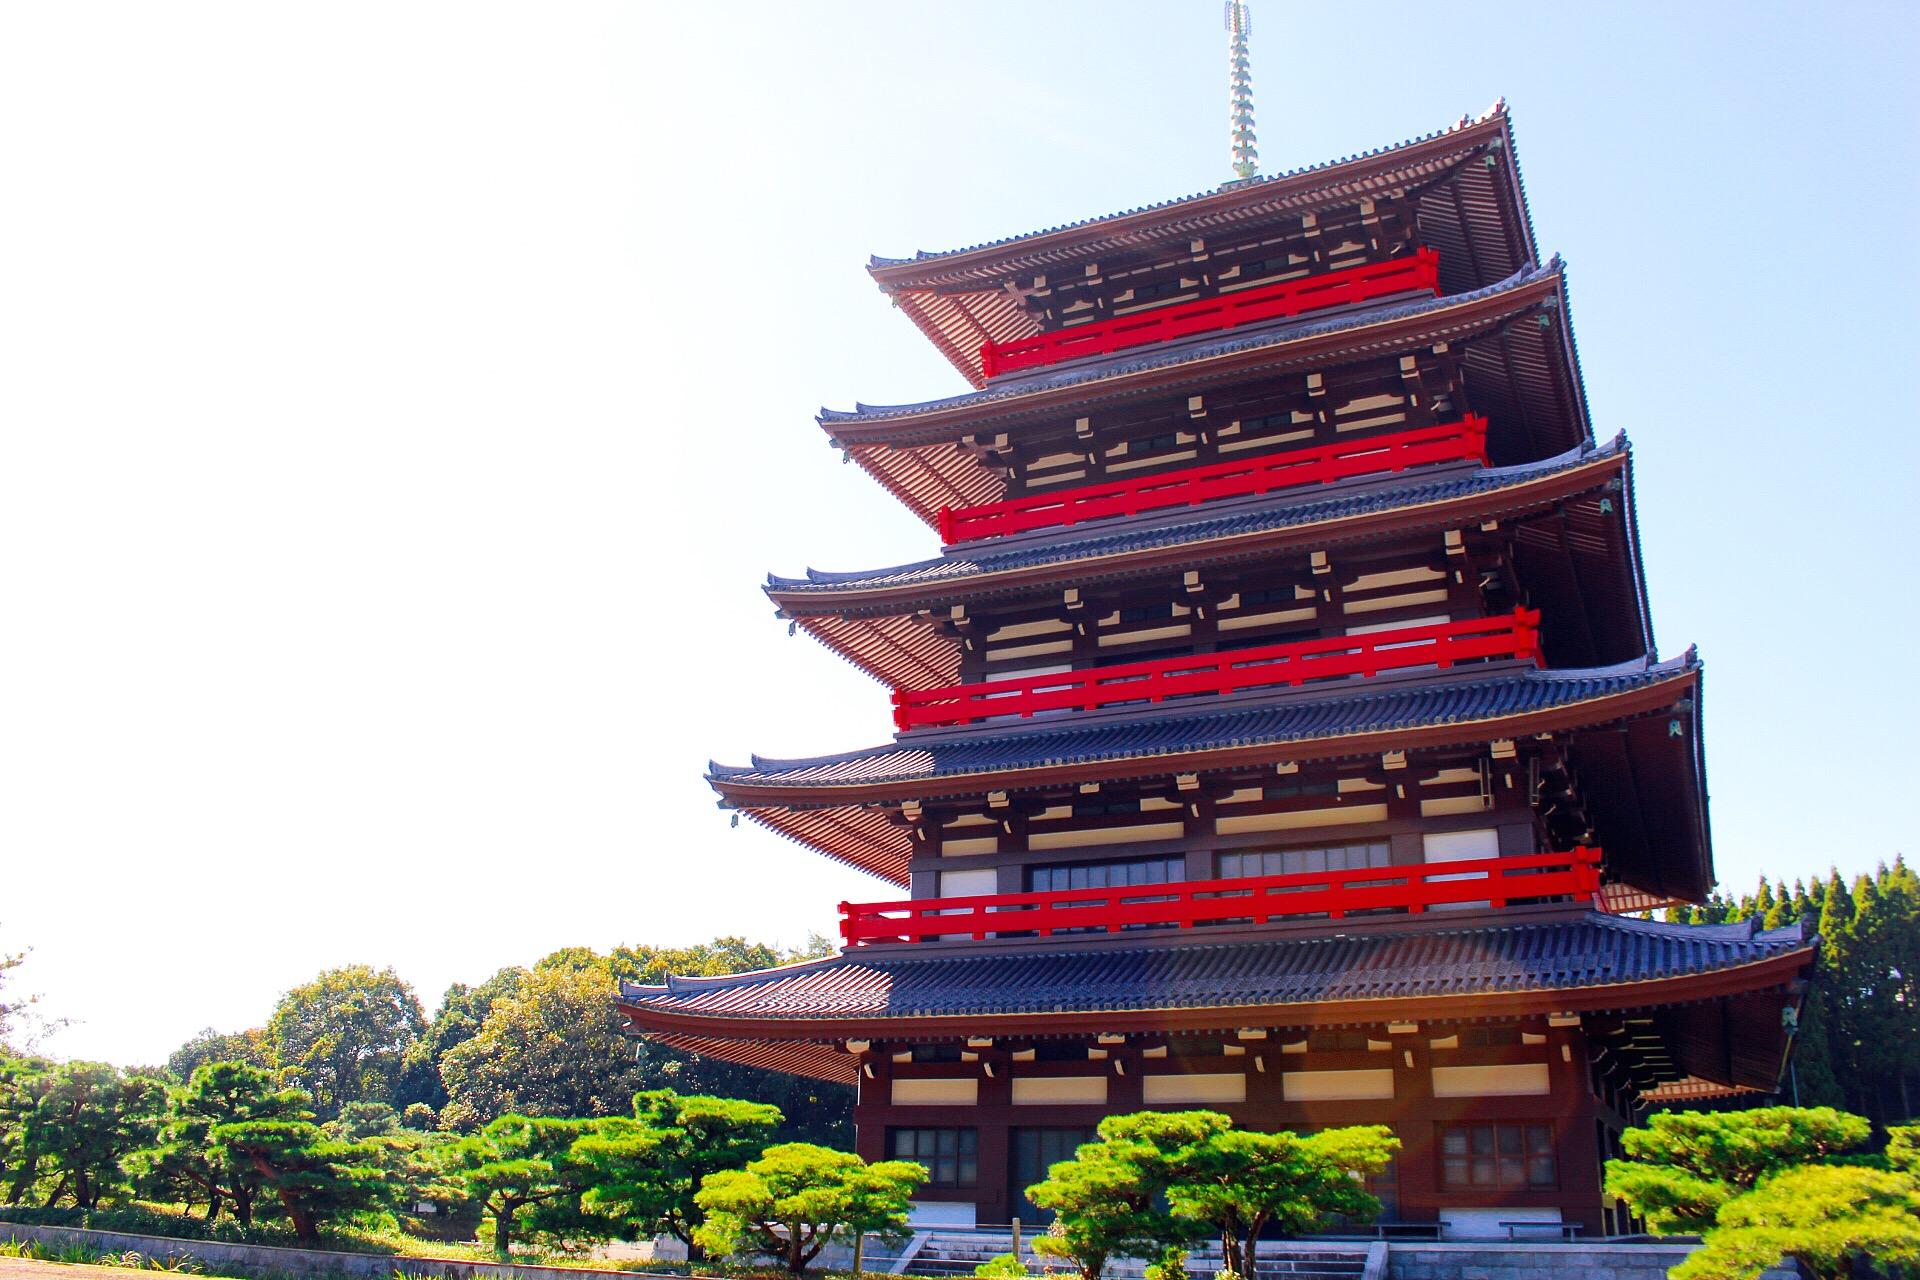 【蓮華院誕生寺奥之院】玉名!五重塔と世界一の梵鐘。いざパワースポットへ